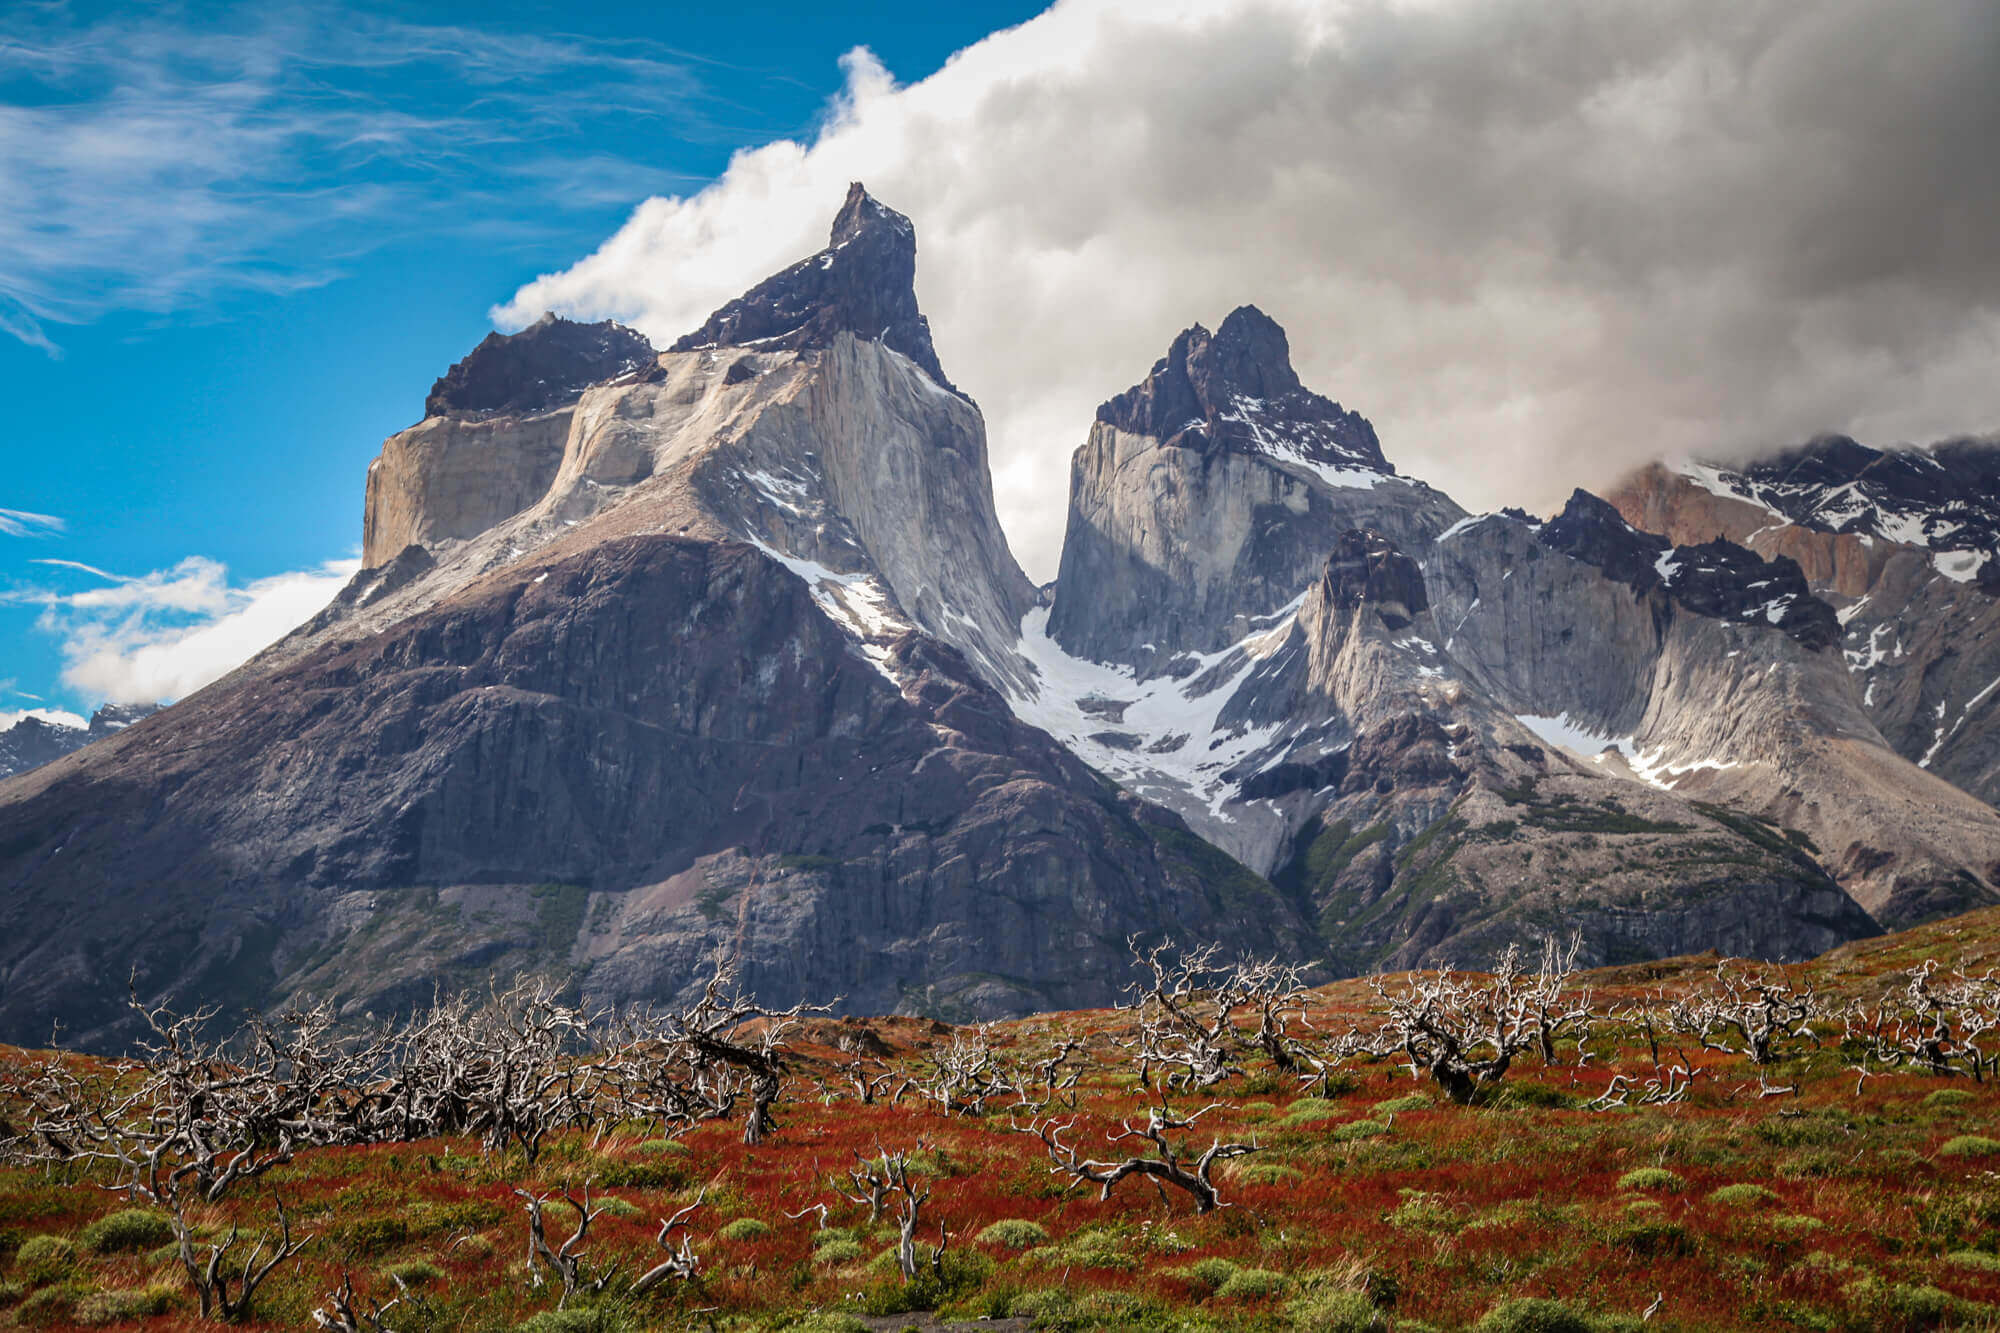 The Horns Torres del Paine Los Cuernos